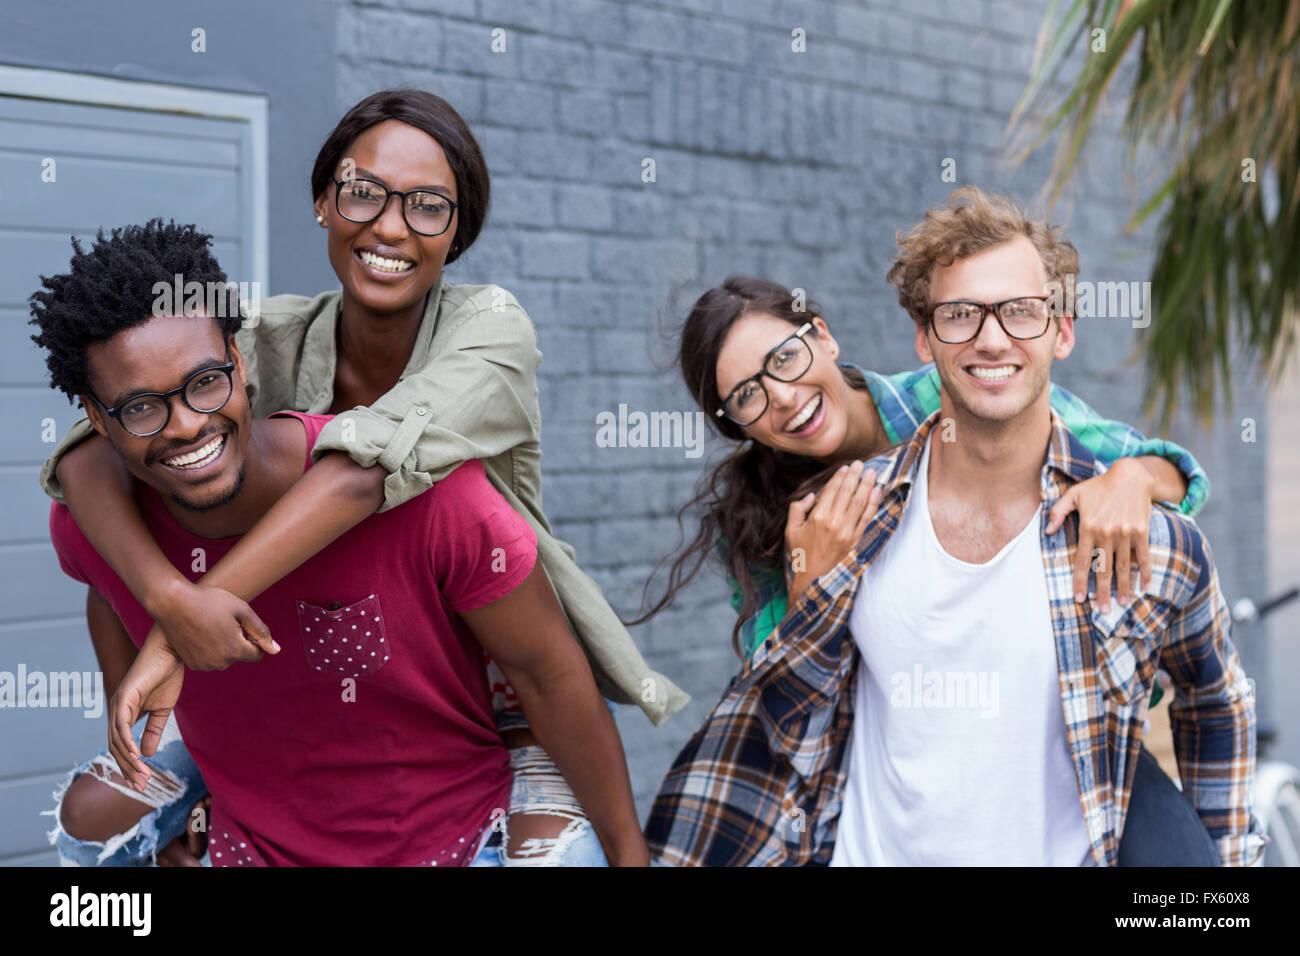 Les jeunes hommes de donner aux femmes de ferroutage Photo Stock